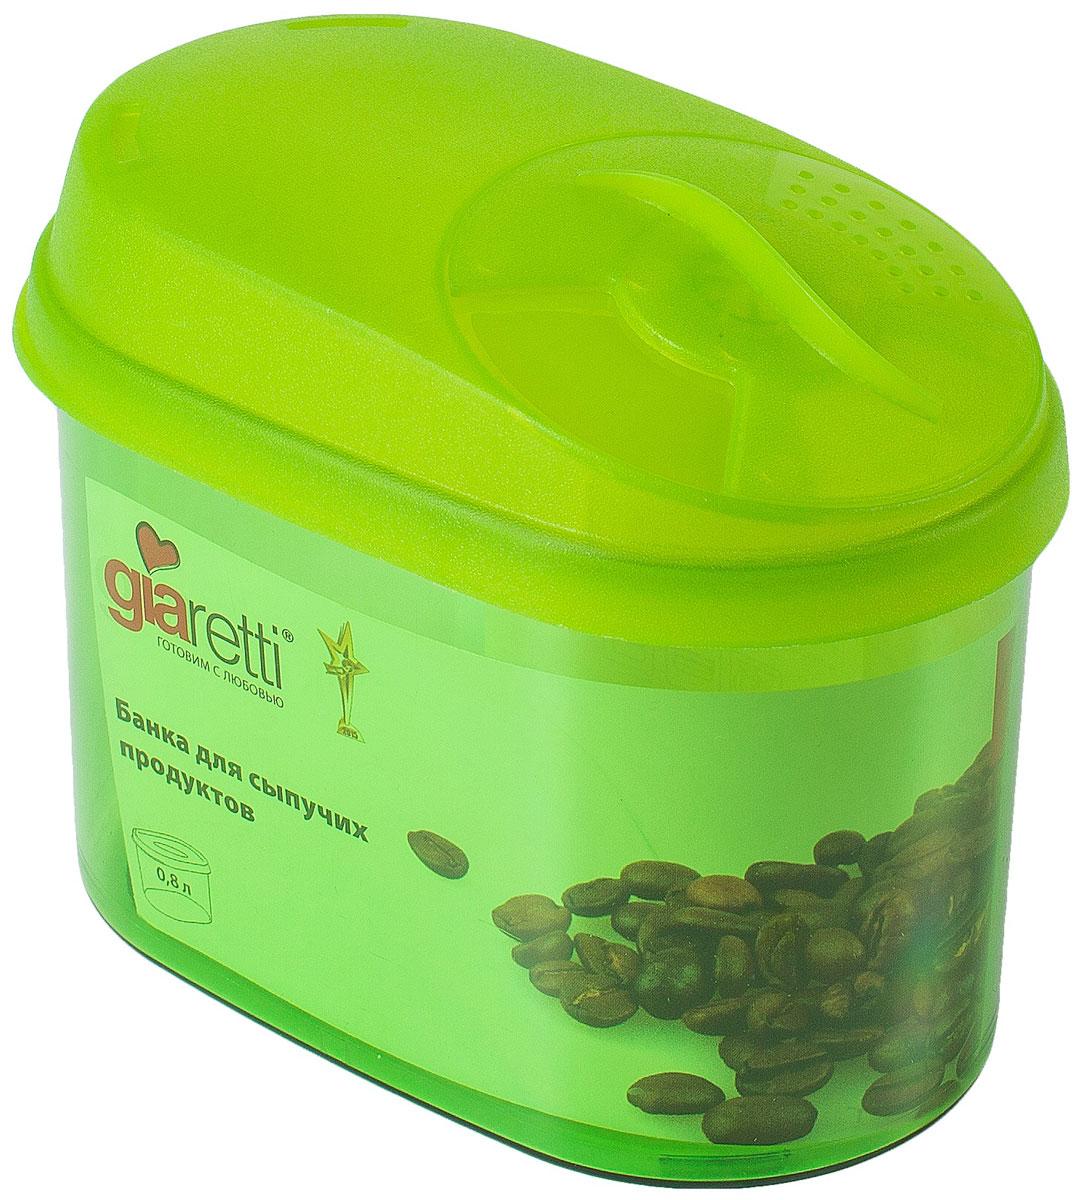 Банка для сыпучих продуктов Giaretti, с дозатором, 0,8 лGR3610МИКСБанка для сыпучих продуктов предназначена для хранения круп, сахара, макаронных изделий и т.п., в том числе для продуктов с ярким ароматом (специи и пр.). Плотно прилегающая крышка не пропускает запахи содержимого в шкаф для хранения, при этом продукт не теряет своего аромата. Двойной дозатор предназначен для мелких и крупных сыпучих продуктов. Банки легко устанавливаются одна на другую.